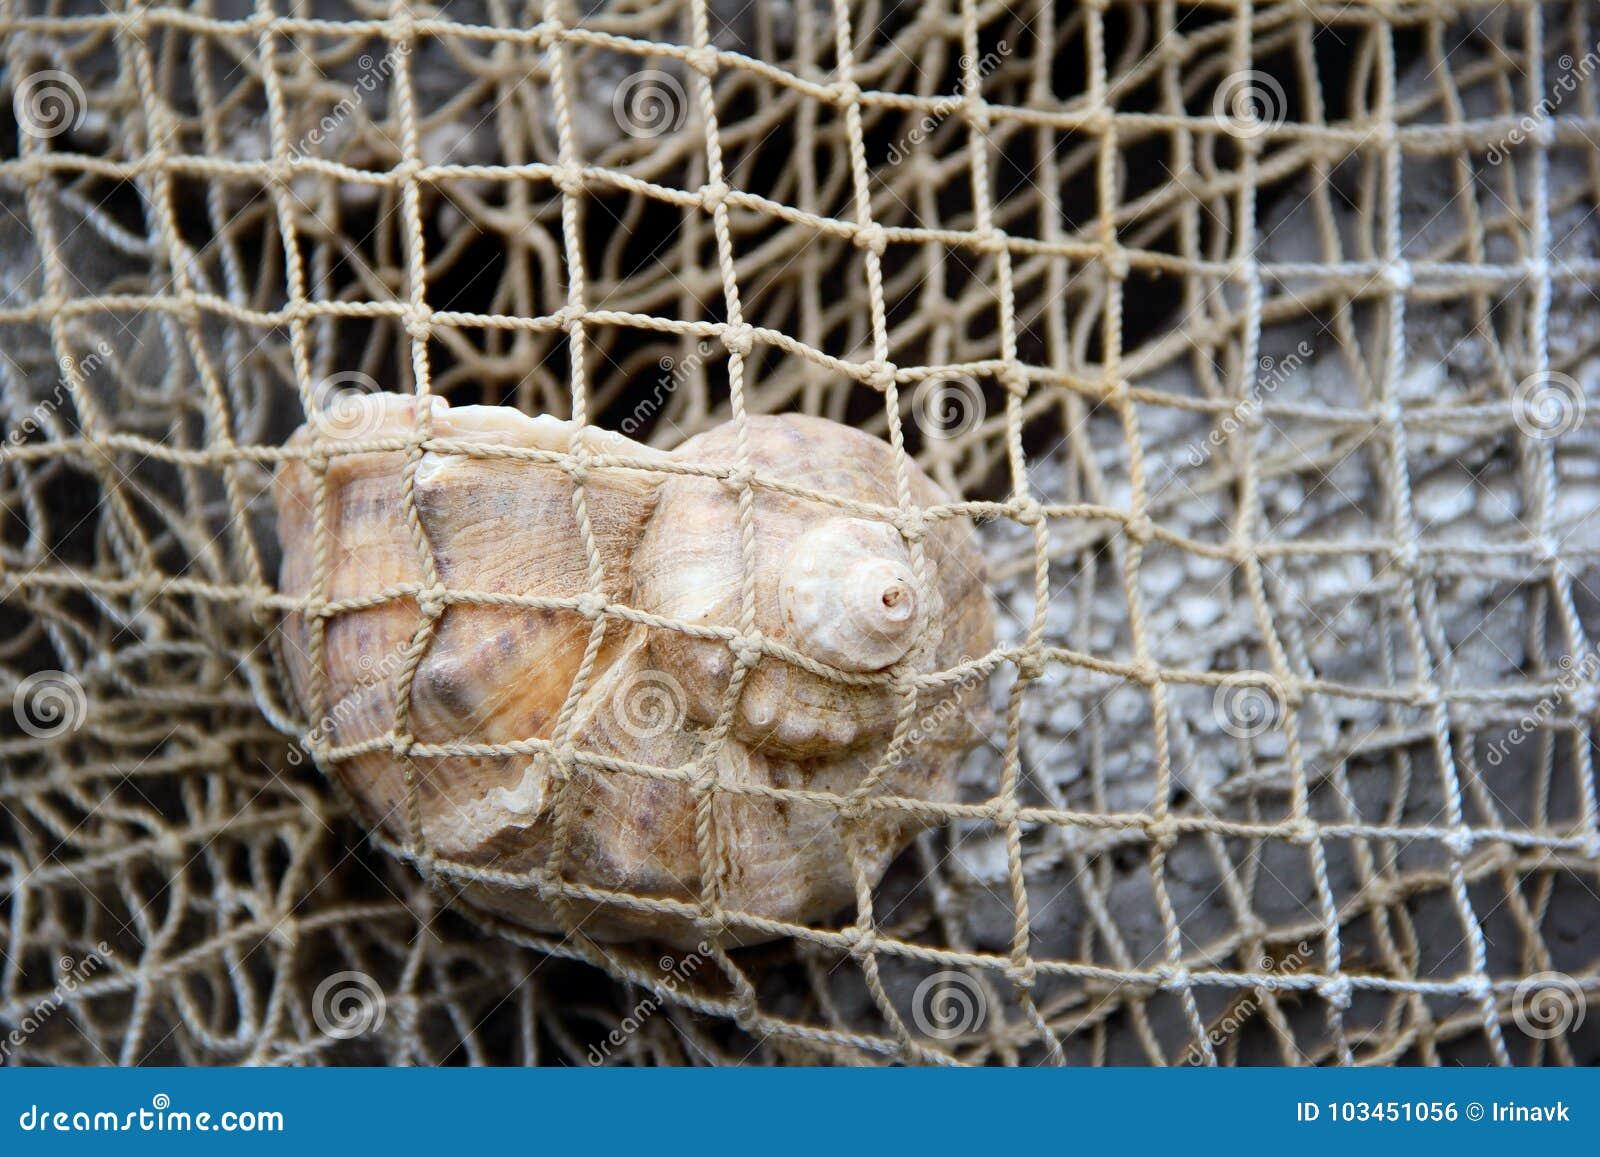 Gener-Oberteil in einem Fischernetz foto